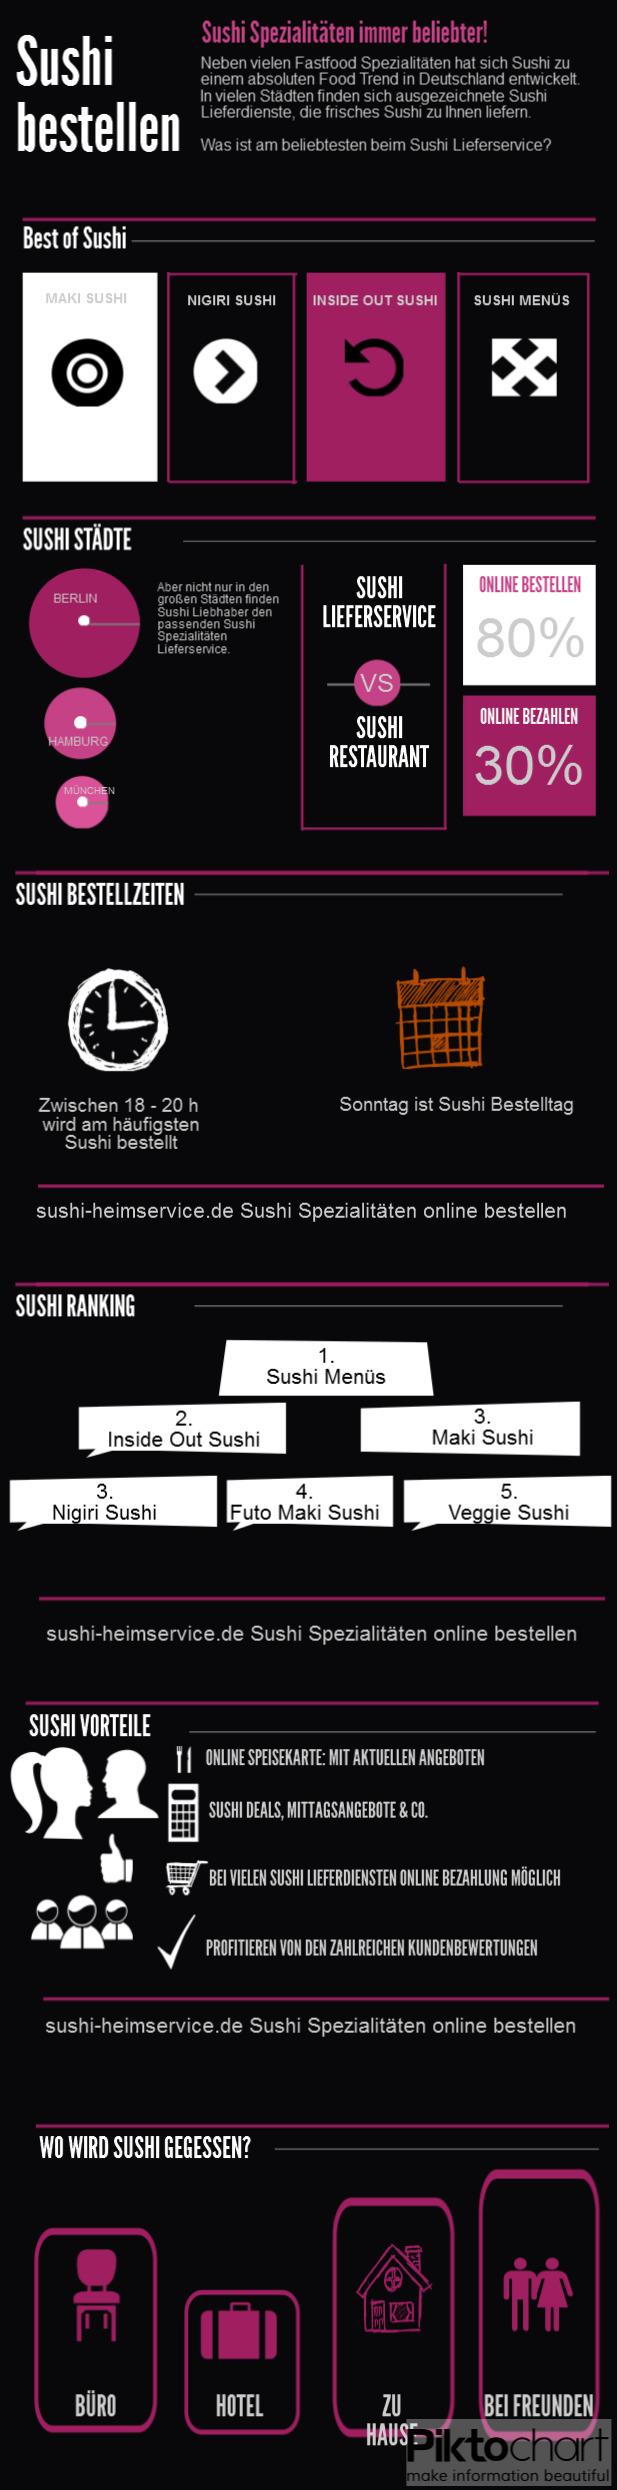 Sushi Infografik: Wenn Sushi Online bestellt wird